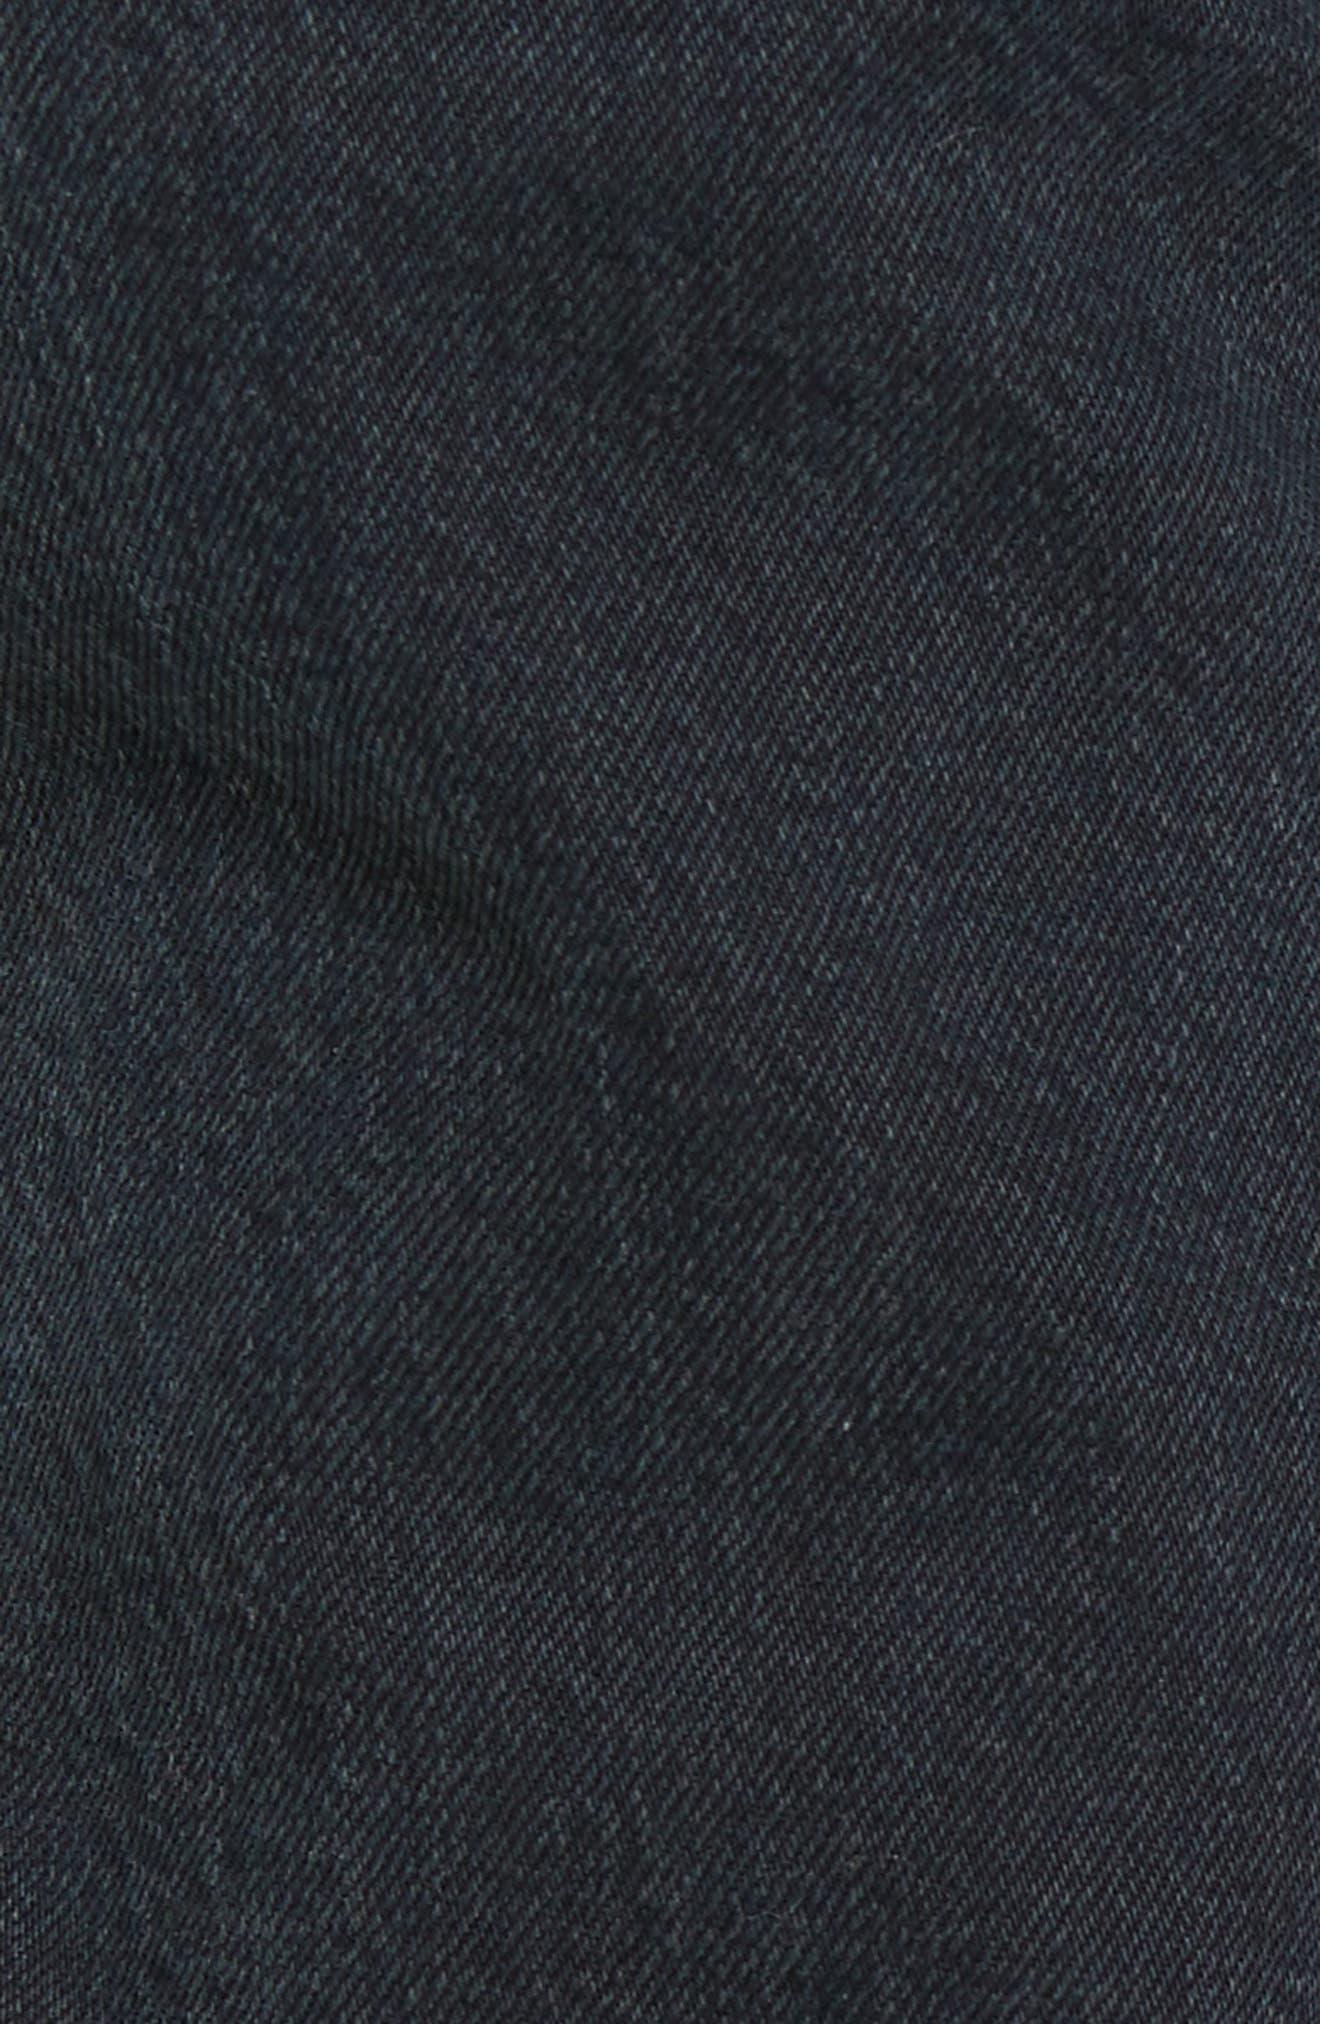 Patti High Rise Straight Leg Jeans,                             Alternate thumbnail 5, color,                             002